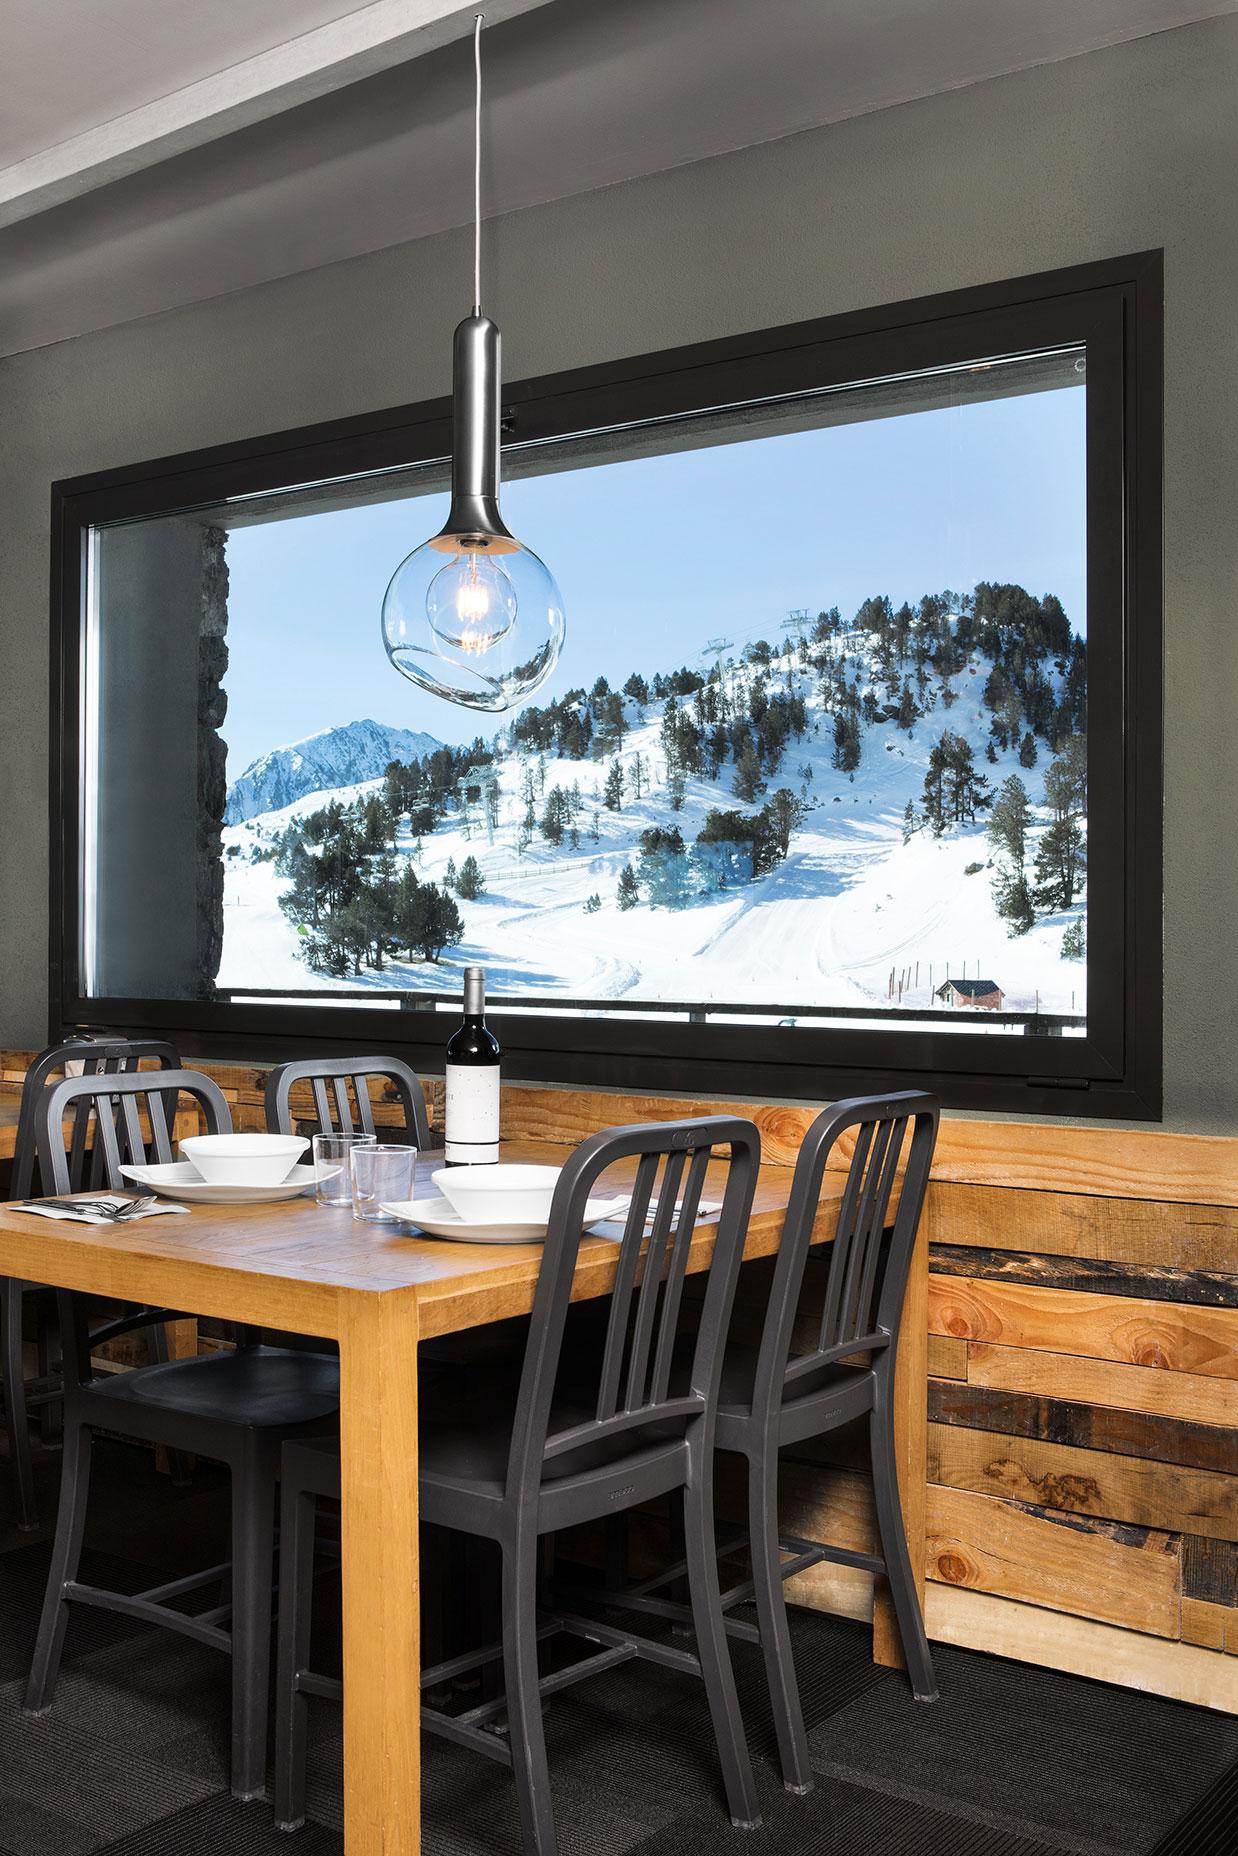 Vistas desde La Cabana restaurante Granvalira, Andorra - Rosa Colet